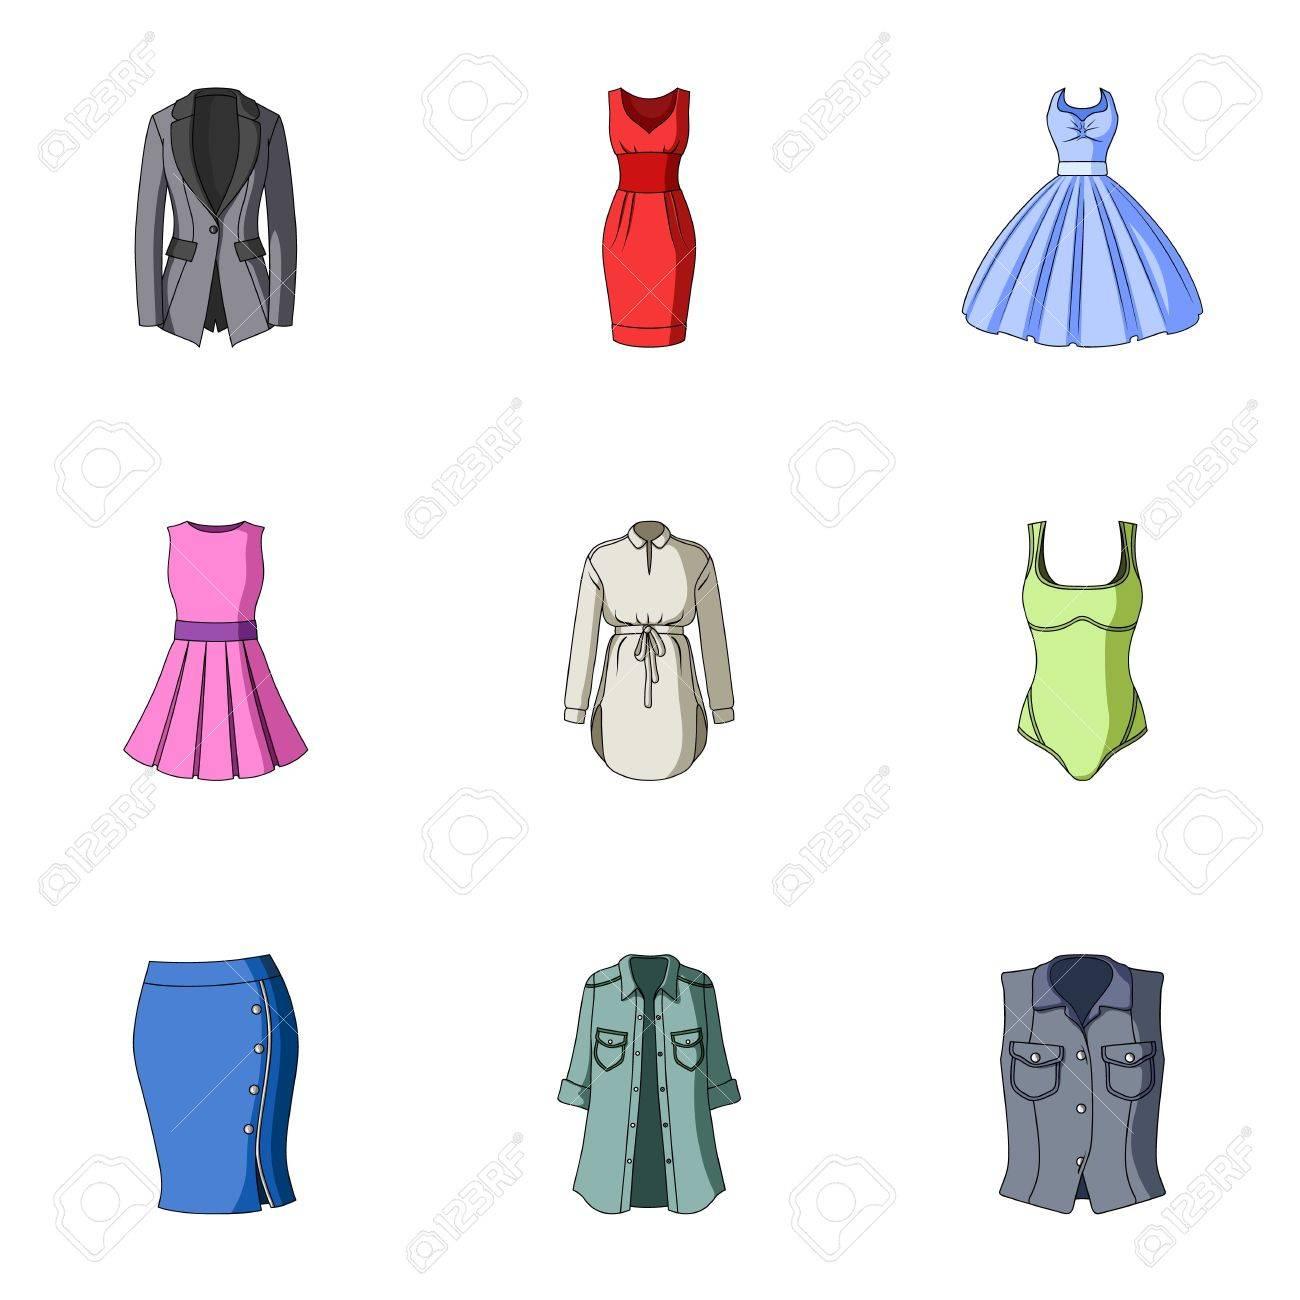 Colección De Iconos De Ropa De Mujer Varias Prendas De Vestir Para Mujeres Para Trabajar Caminar Deportes Icono De Ropa De Mujer En La Colección